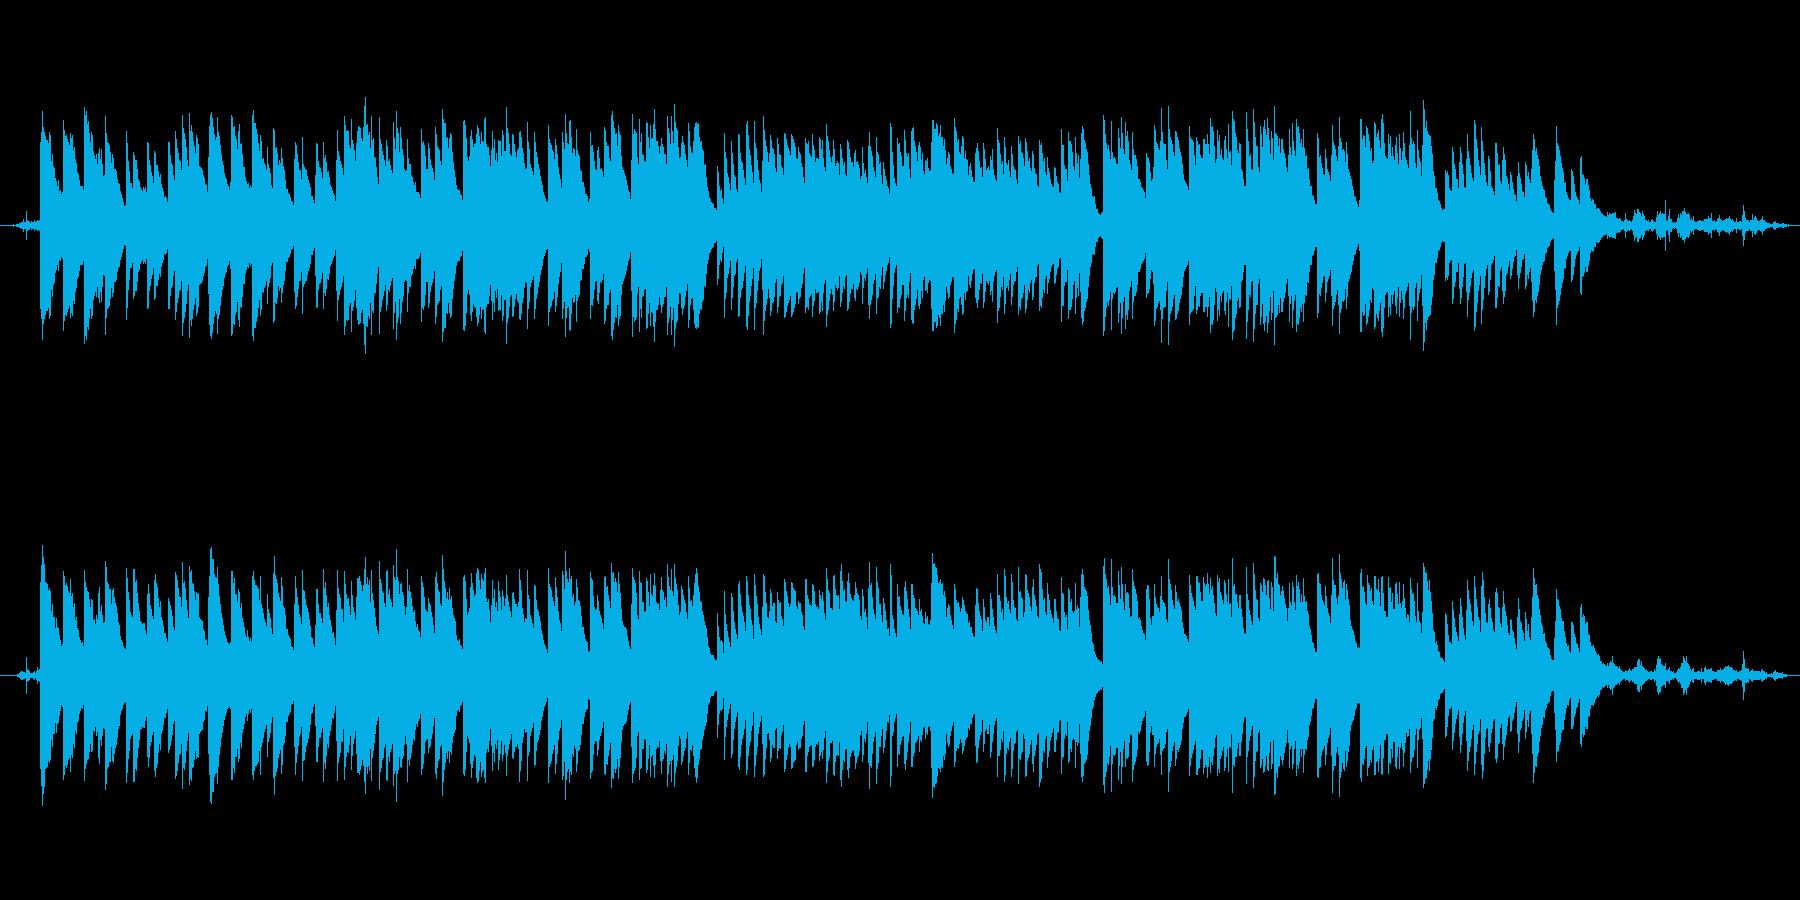 穏やかな波音と癒しのオルゴールの再生済みの波形